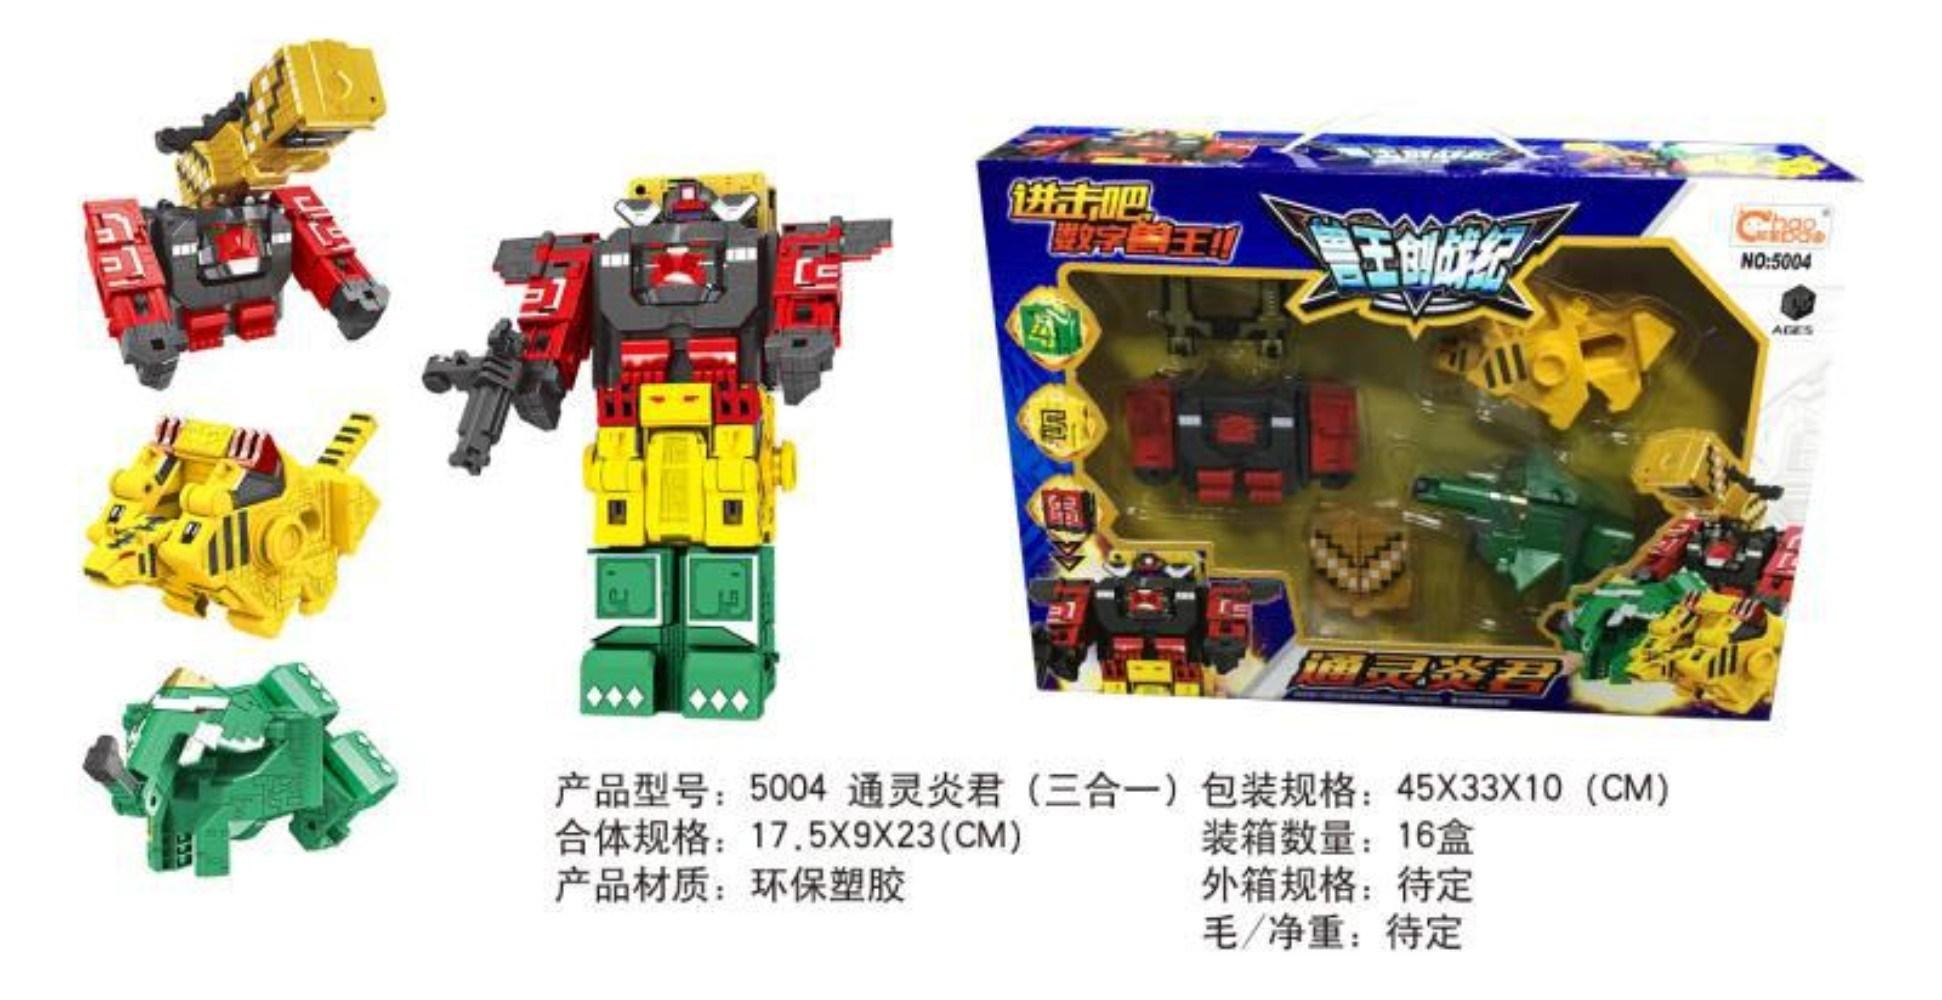 파워레인저 애니멀포스 와일드킹 와일드 애니멀킹 큐브 변신 로봇 장난감 로봇장난감 디지털 변형 큐브 동물 메카 변형 결합 장난감, 새로운 5004 오랑우탄개